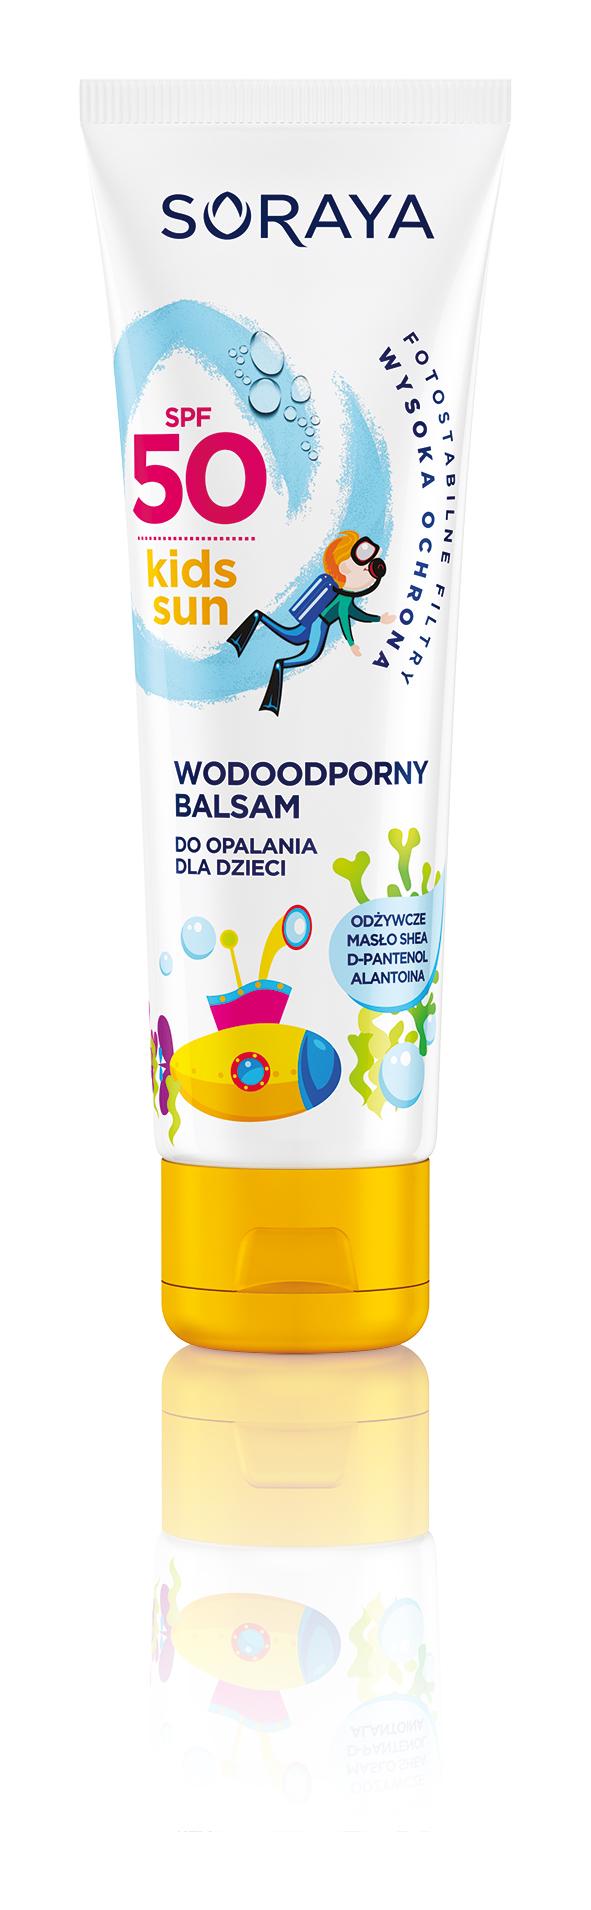 Wodoodporny balsam SPF50 do opalania dla dzieci